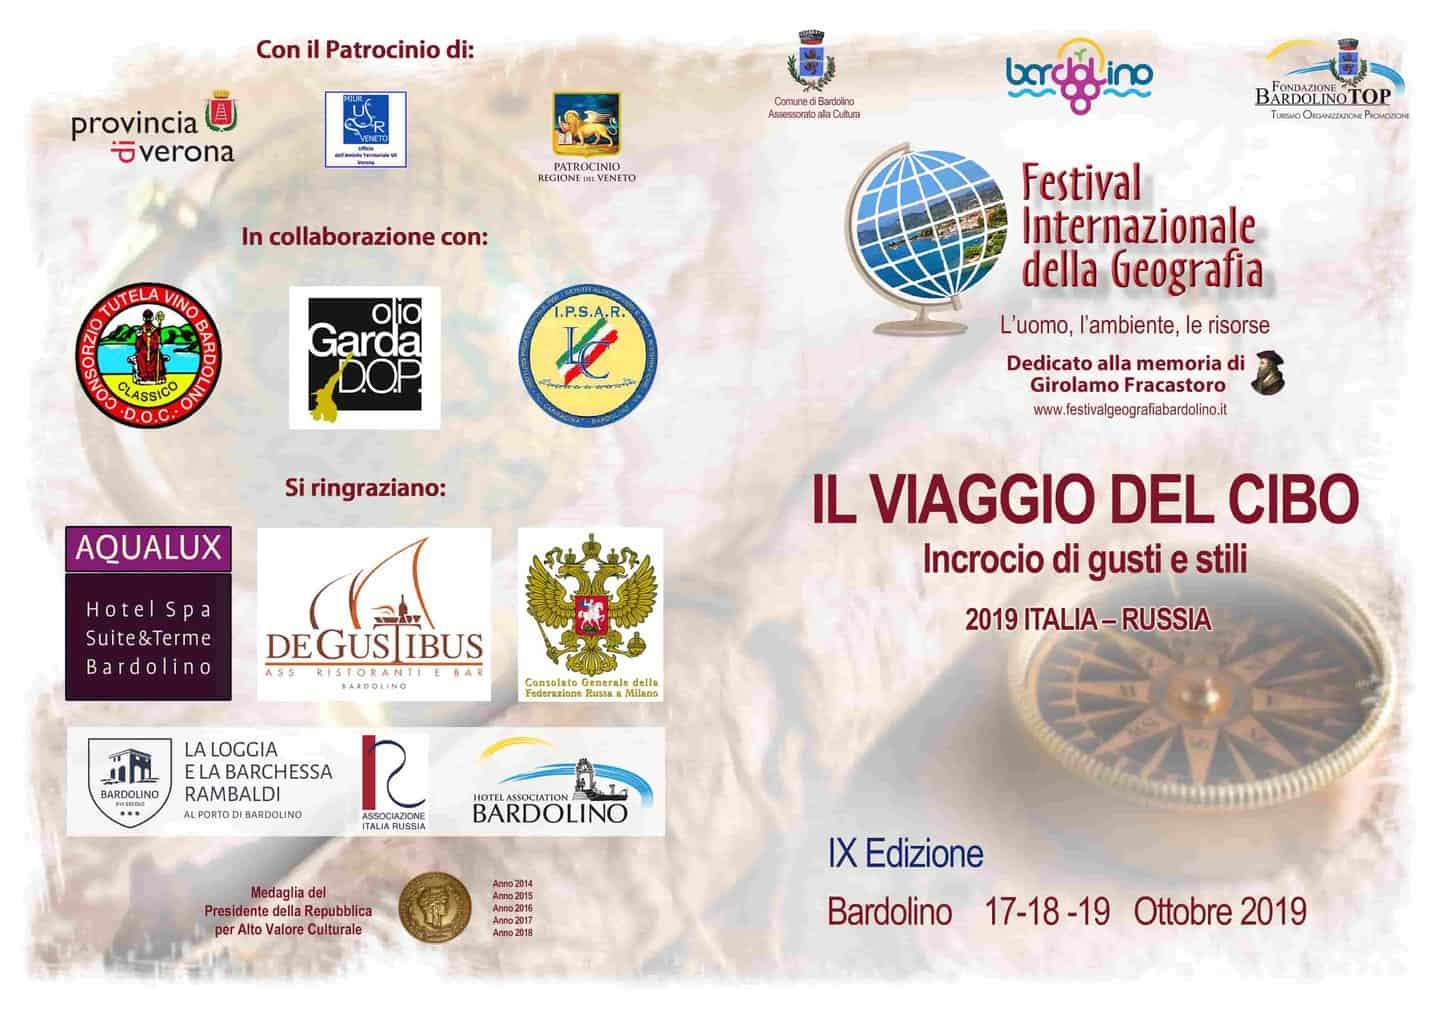 Festival Internazionale della Geografia - Bardolino - ottobre 2019 - Verona Wine Love